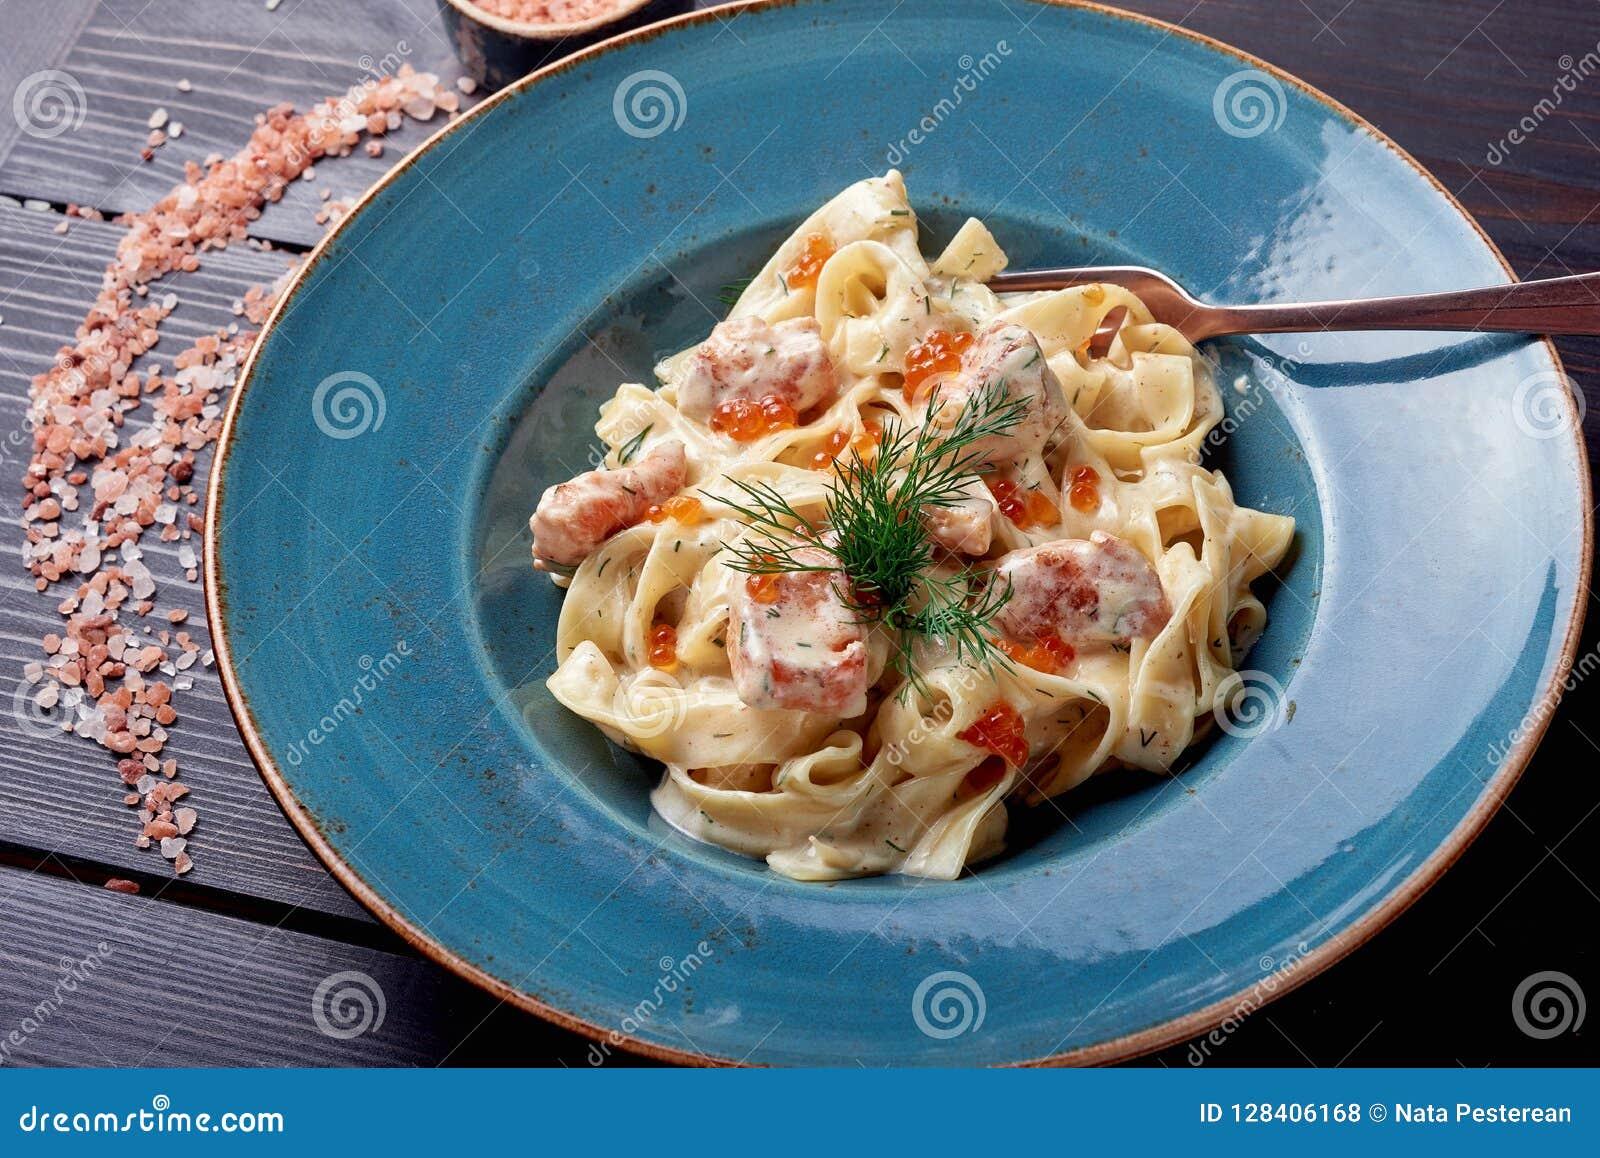 Massa de Carbonara, espaguetes com pancetta, ovo, queijo parmesão duro e molho de creme Culinária italiana tradicional Massa